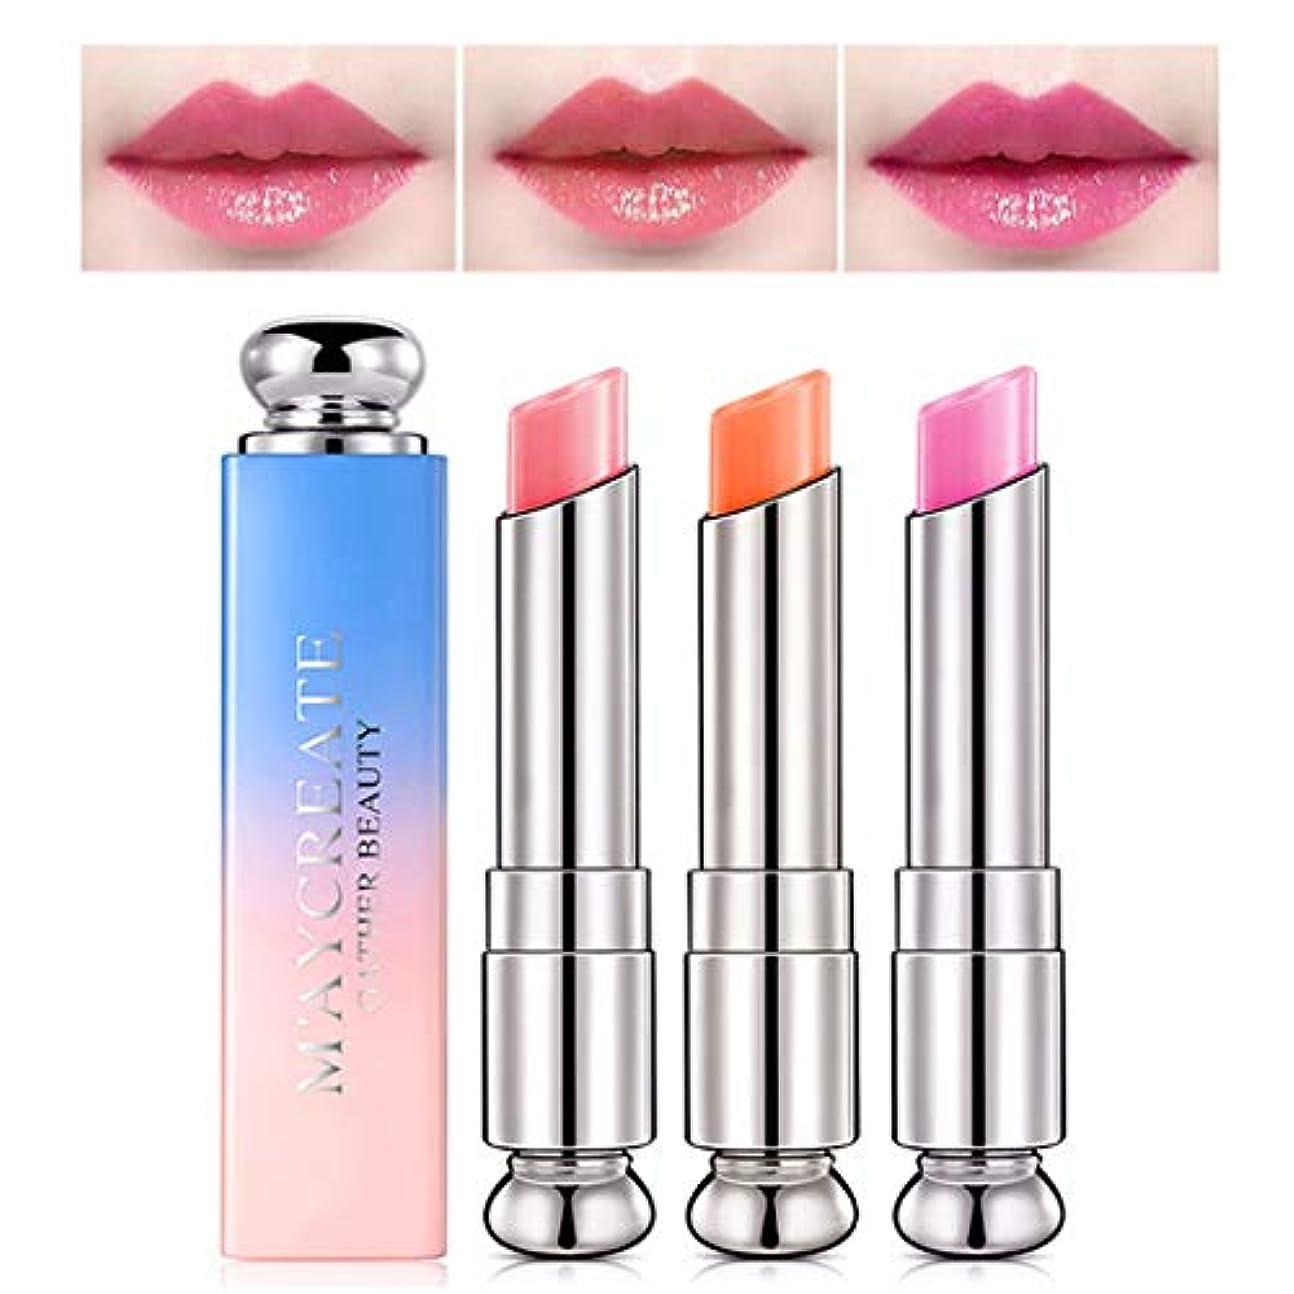 義務的目的コンプリート1ピース色変化温度口紅、長続きがする保湿唇ケア変色口紅リップペンシルリップグロス (2)